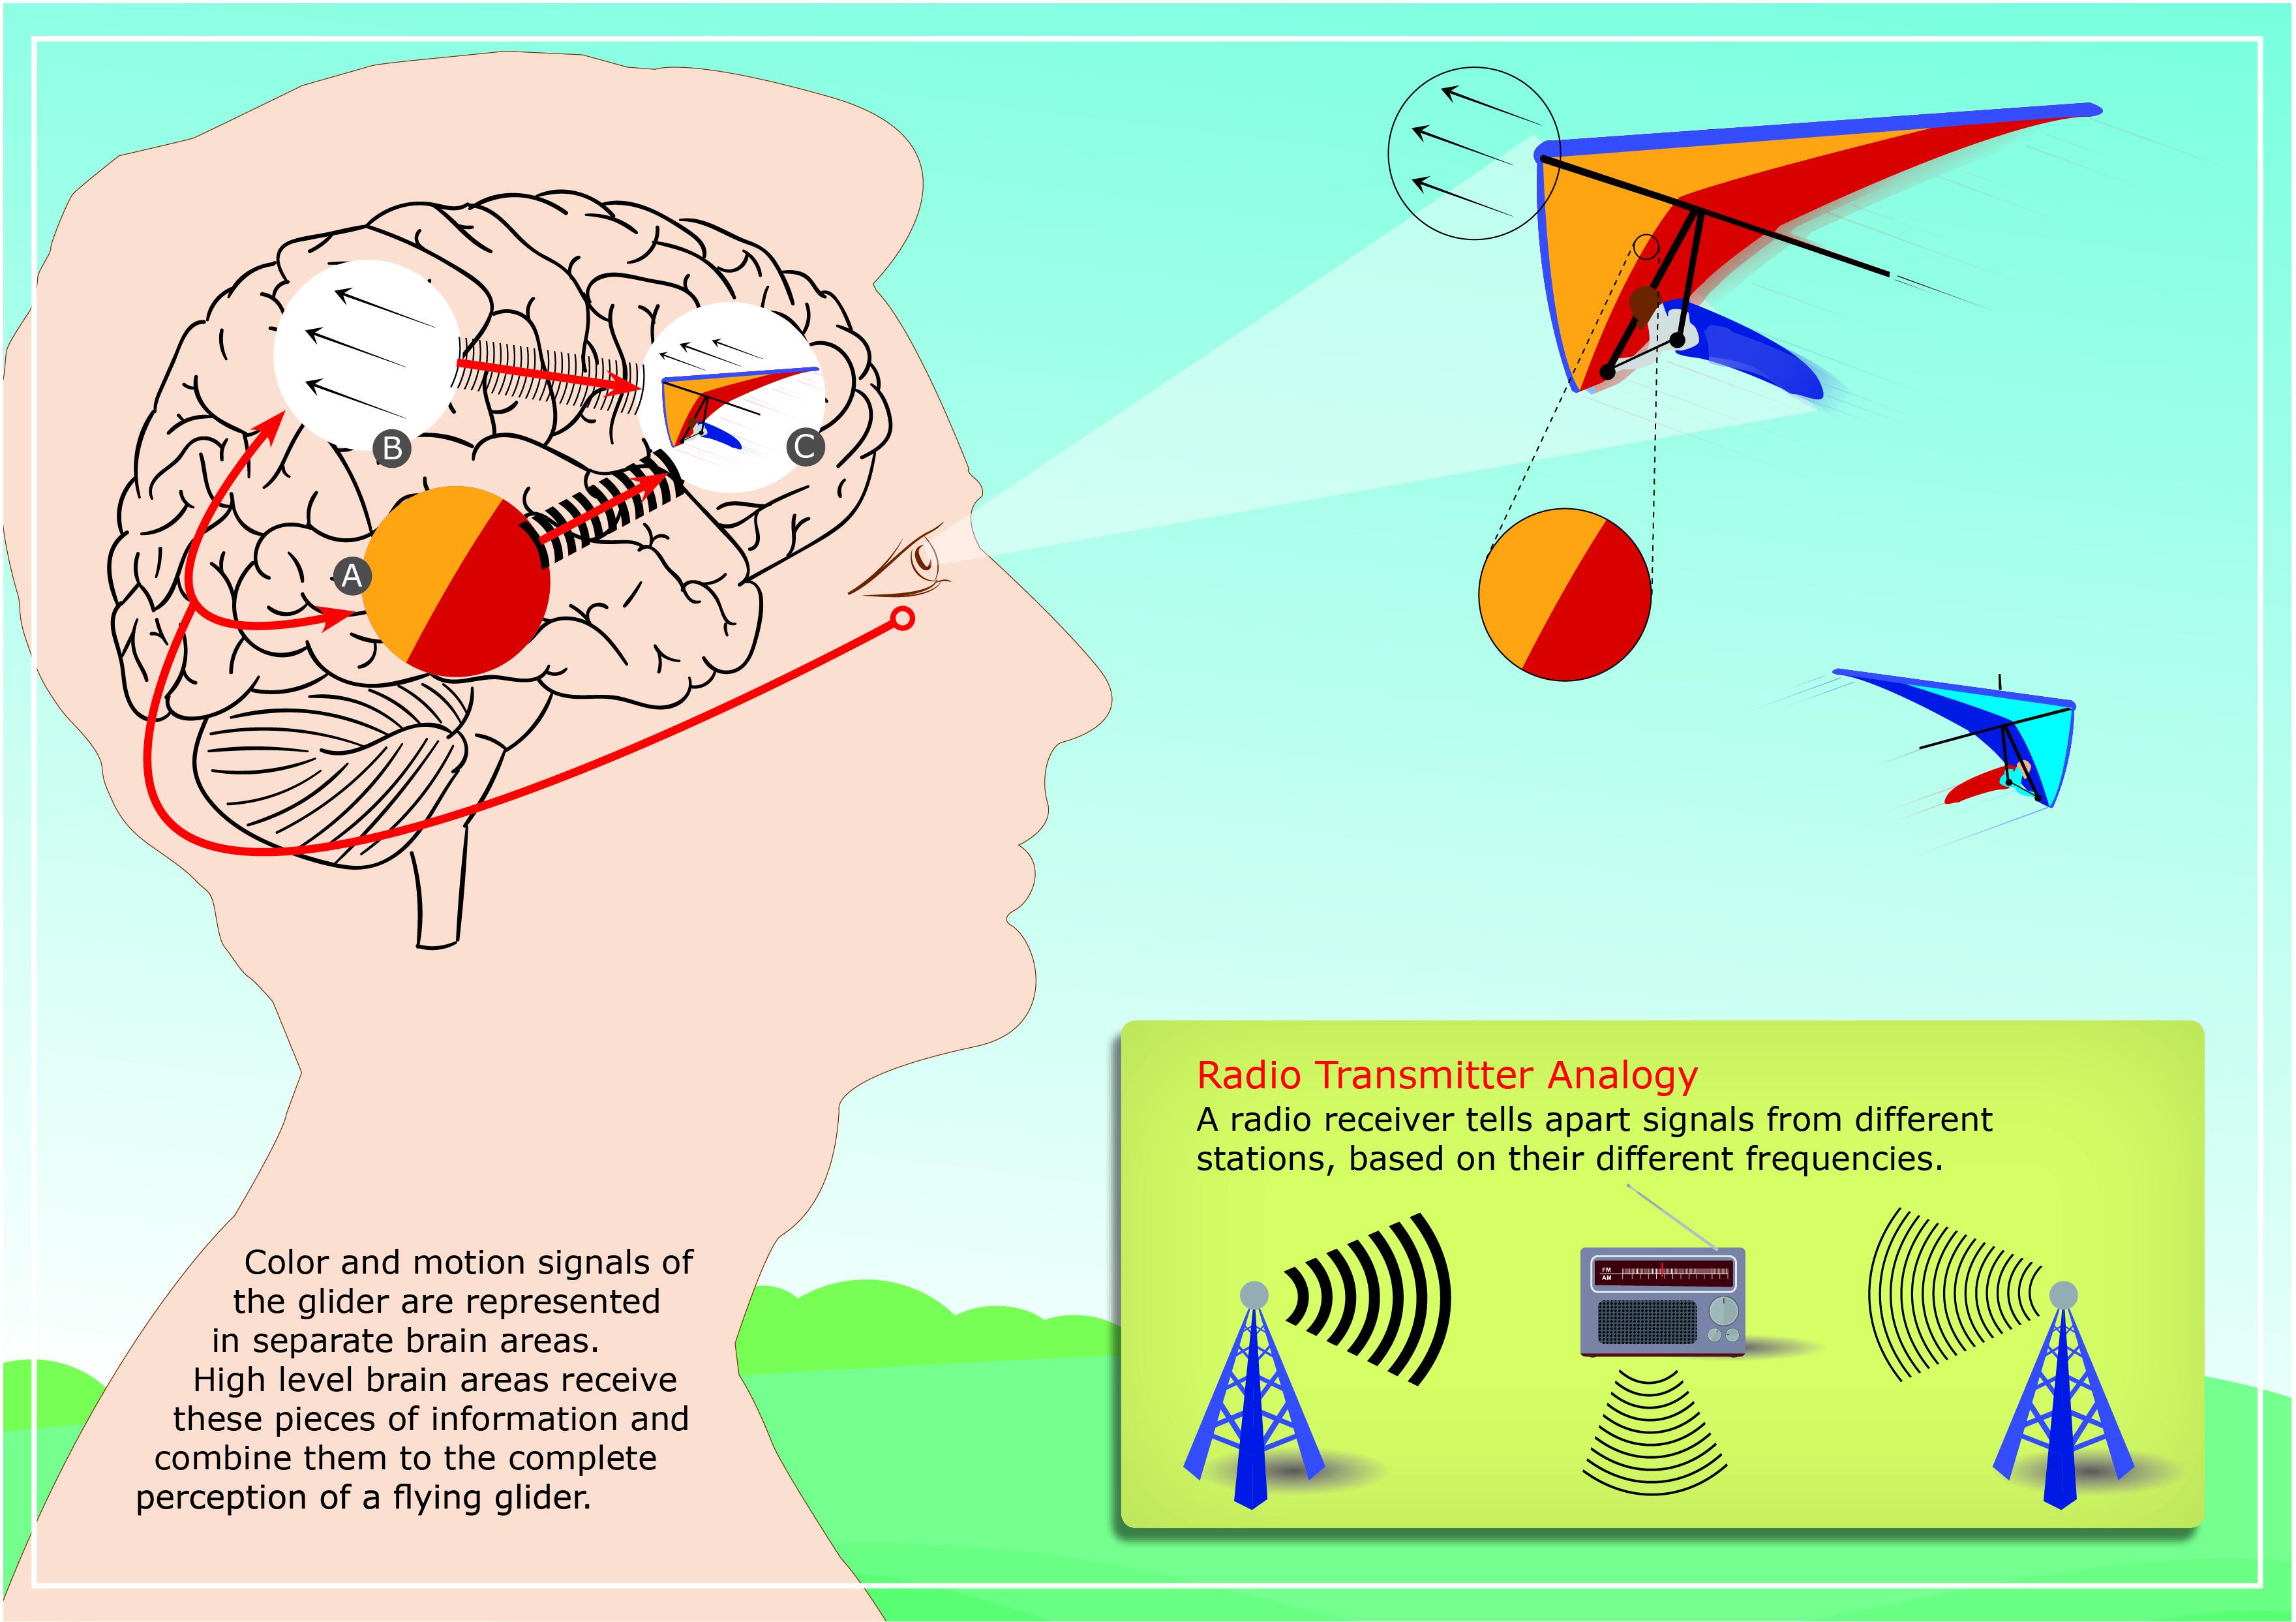 De forma similar a cómo un receptor de radio identifica el transmisor de radio desde el cual se origina una señal (insertada en la parte inferior derecha), las áreas de alto nivel de nuestro cerebro distinguen la fuente de una actividad de entrada neural en función de su frecuencia característica. En el dibujo de un cerebro humano, A y B marcan las áreas del cerebro dedicadas a analizar la información del color y la dirección del movimiento, respectivamente, y C denota áreas del cerebro de alto nivel que combinan la información sobre las características visuales individuales en una percepción unificada de los objetos visuales. En este ejemplo, el color y la dirección del movimiento del planeador seguido se analizan por separado en las áreas A y B, y luego se combinan en el área C para crear nuestra percepción única de todas las características del ala delta. Imagen: Centro Alemán de Primates.